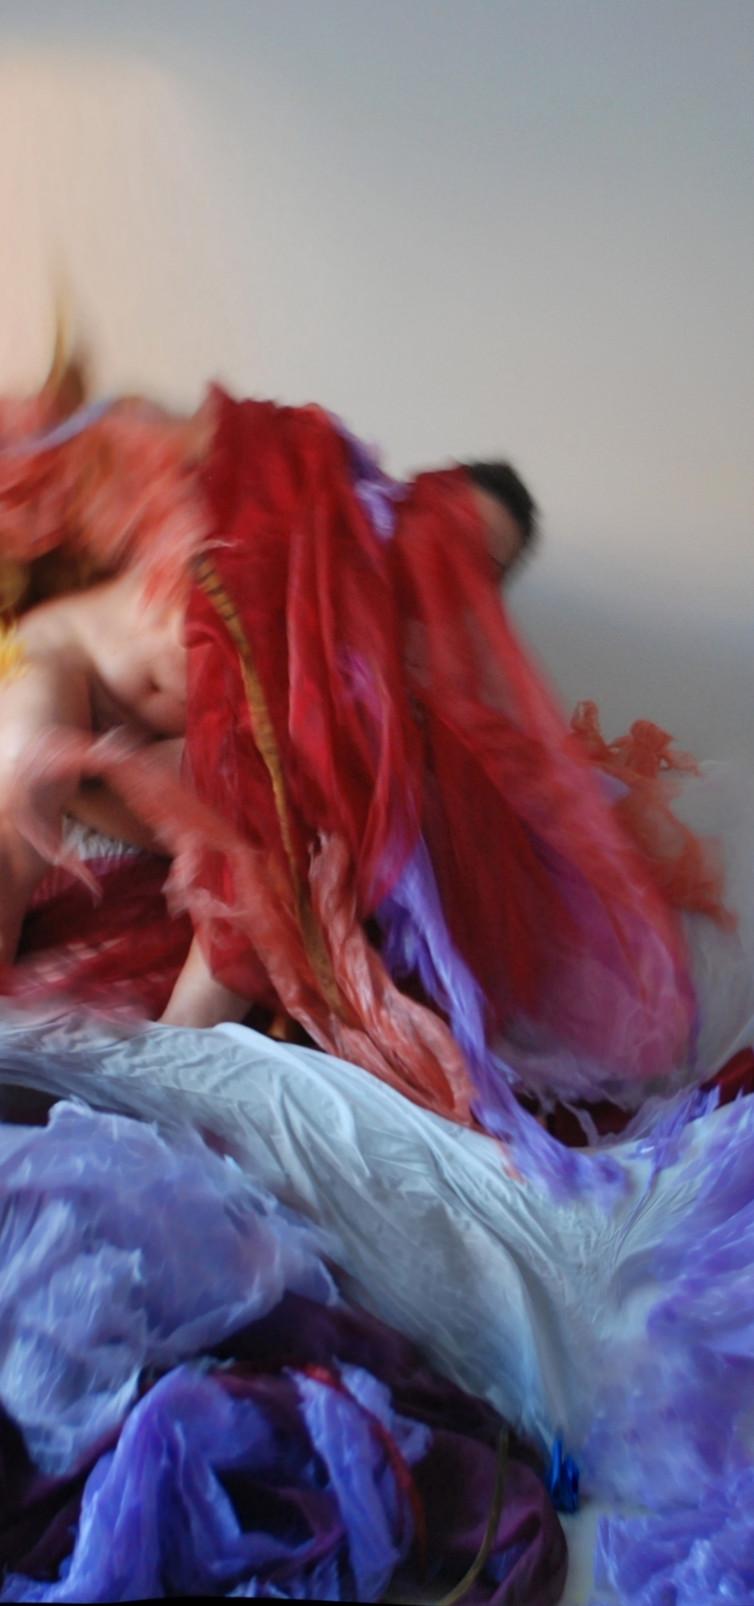 _Bufere_ #3 selfportrait Ilaria Facci.jp